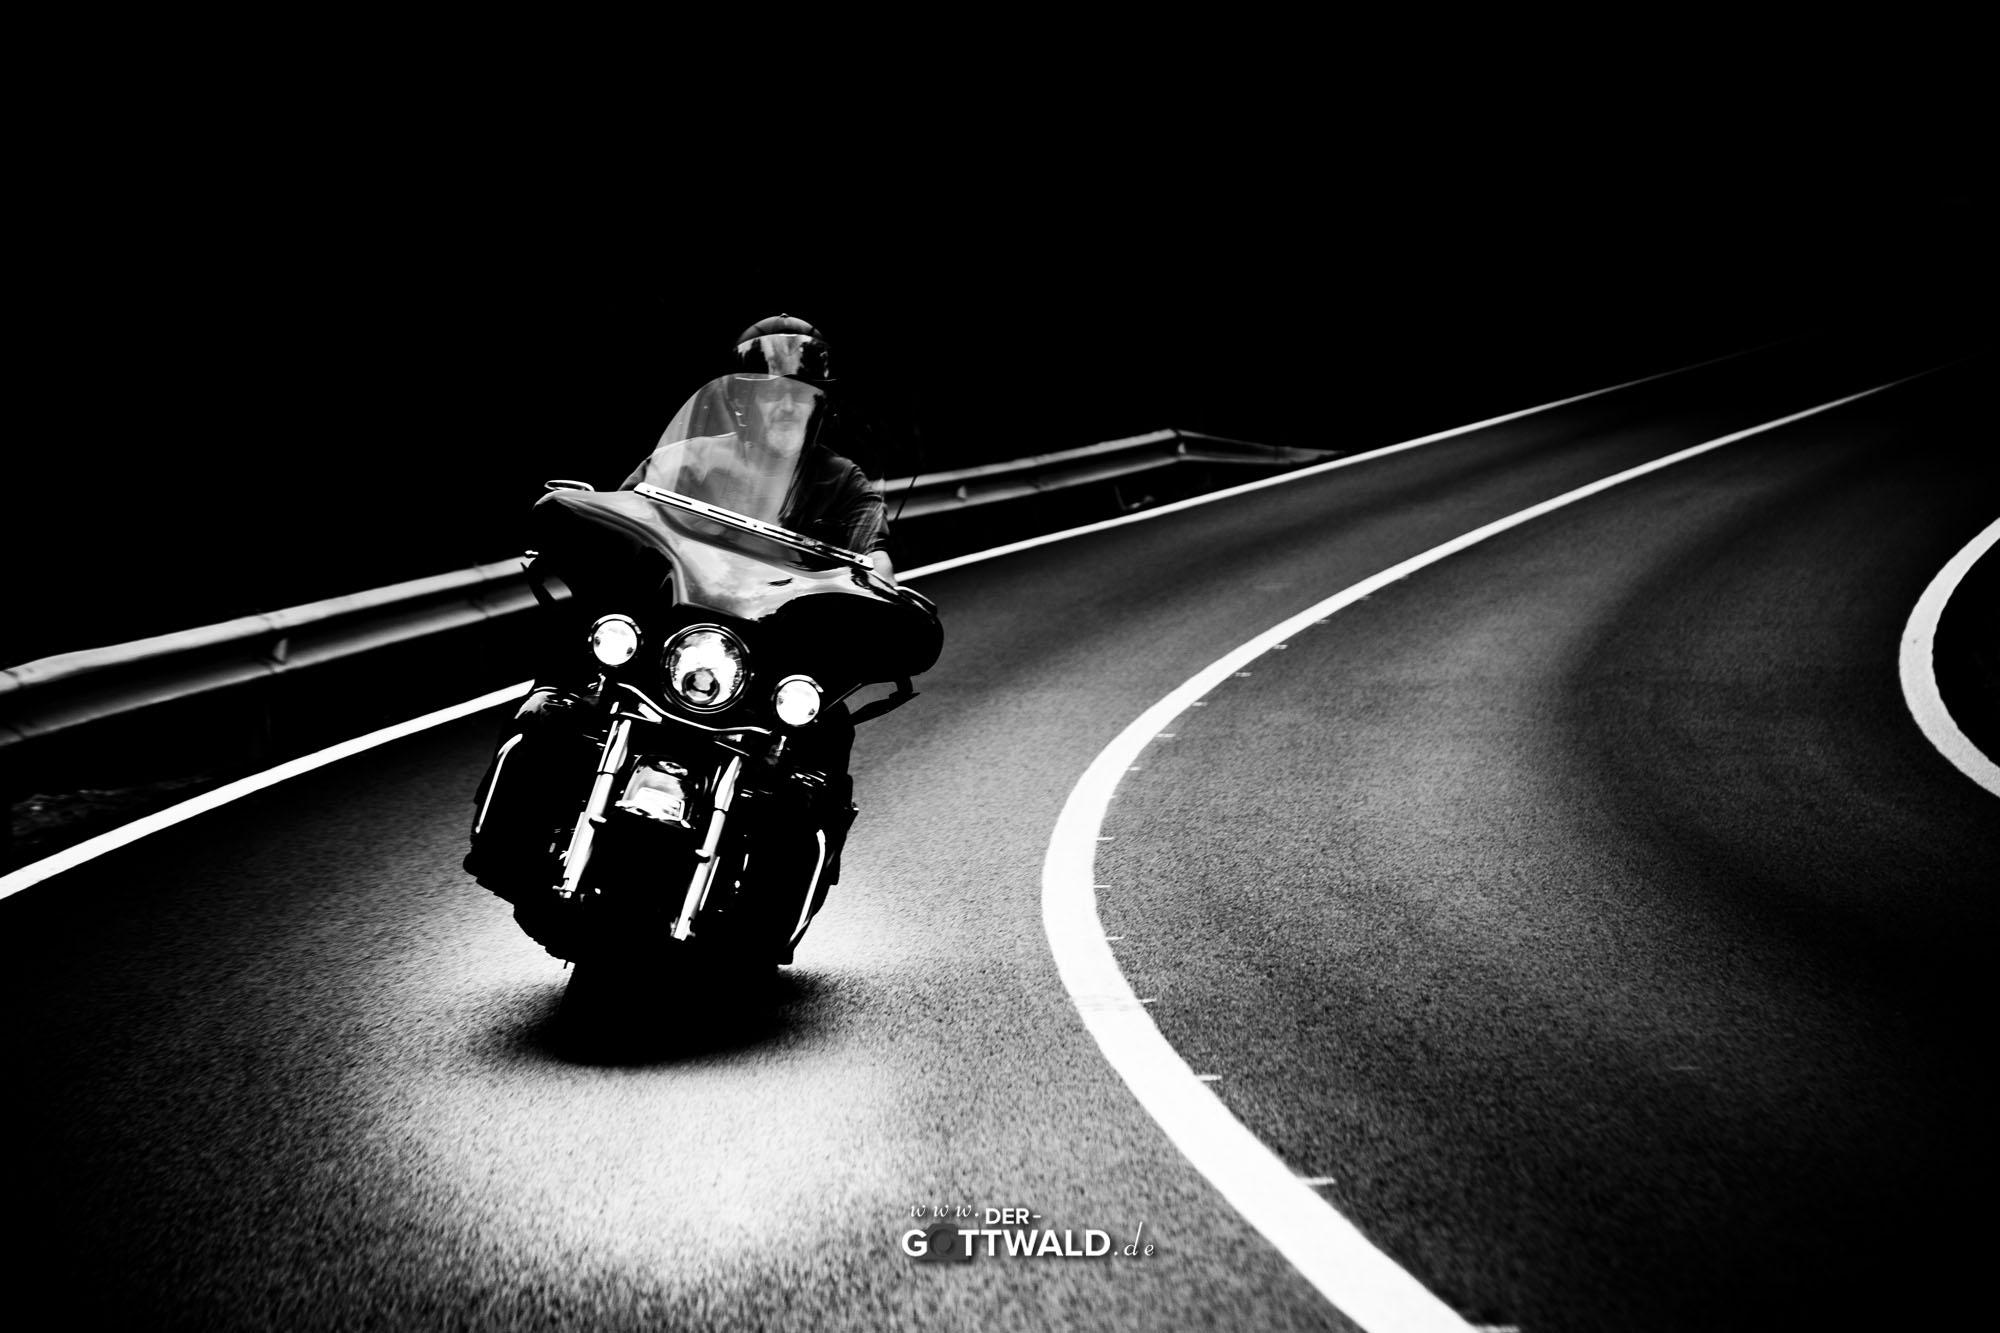 der-gottwaldDE - A_Klaus_Mallorca-Biker 05.jpg